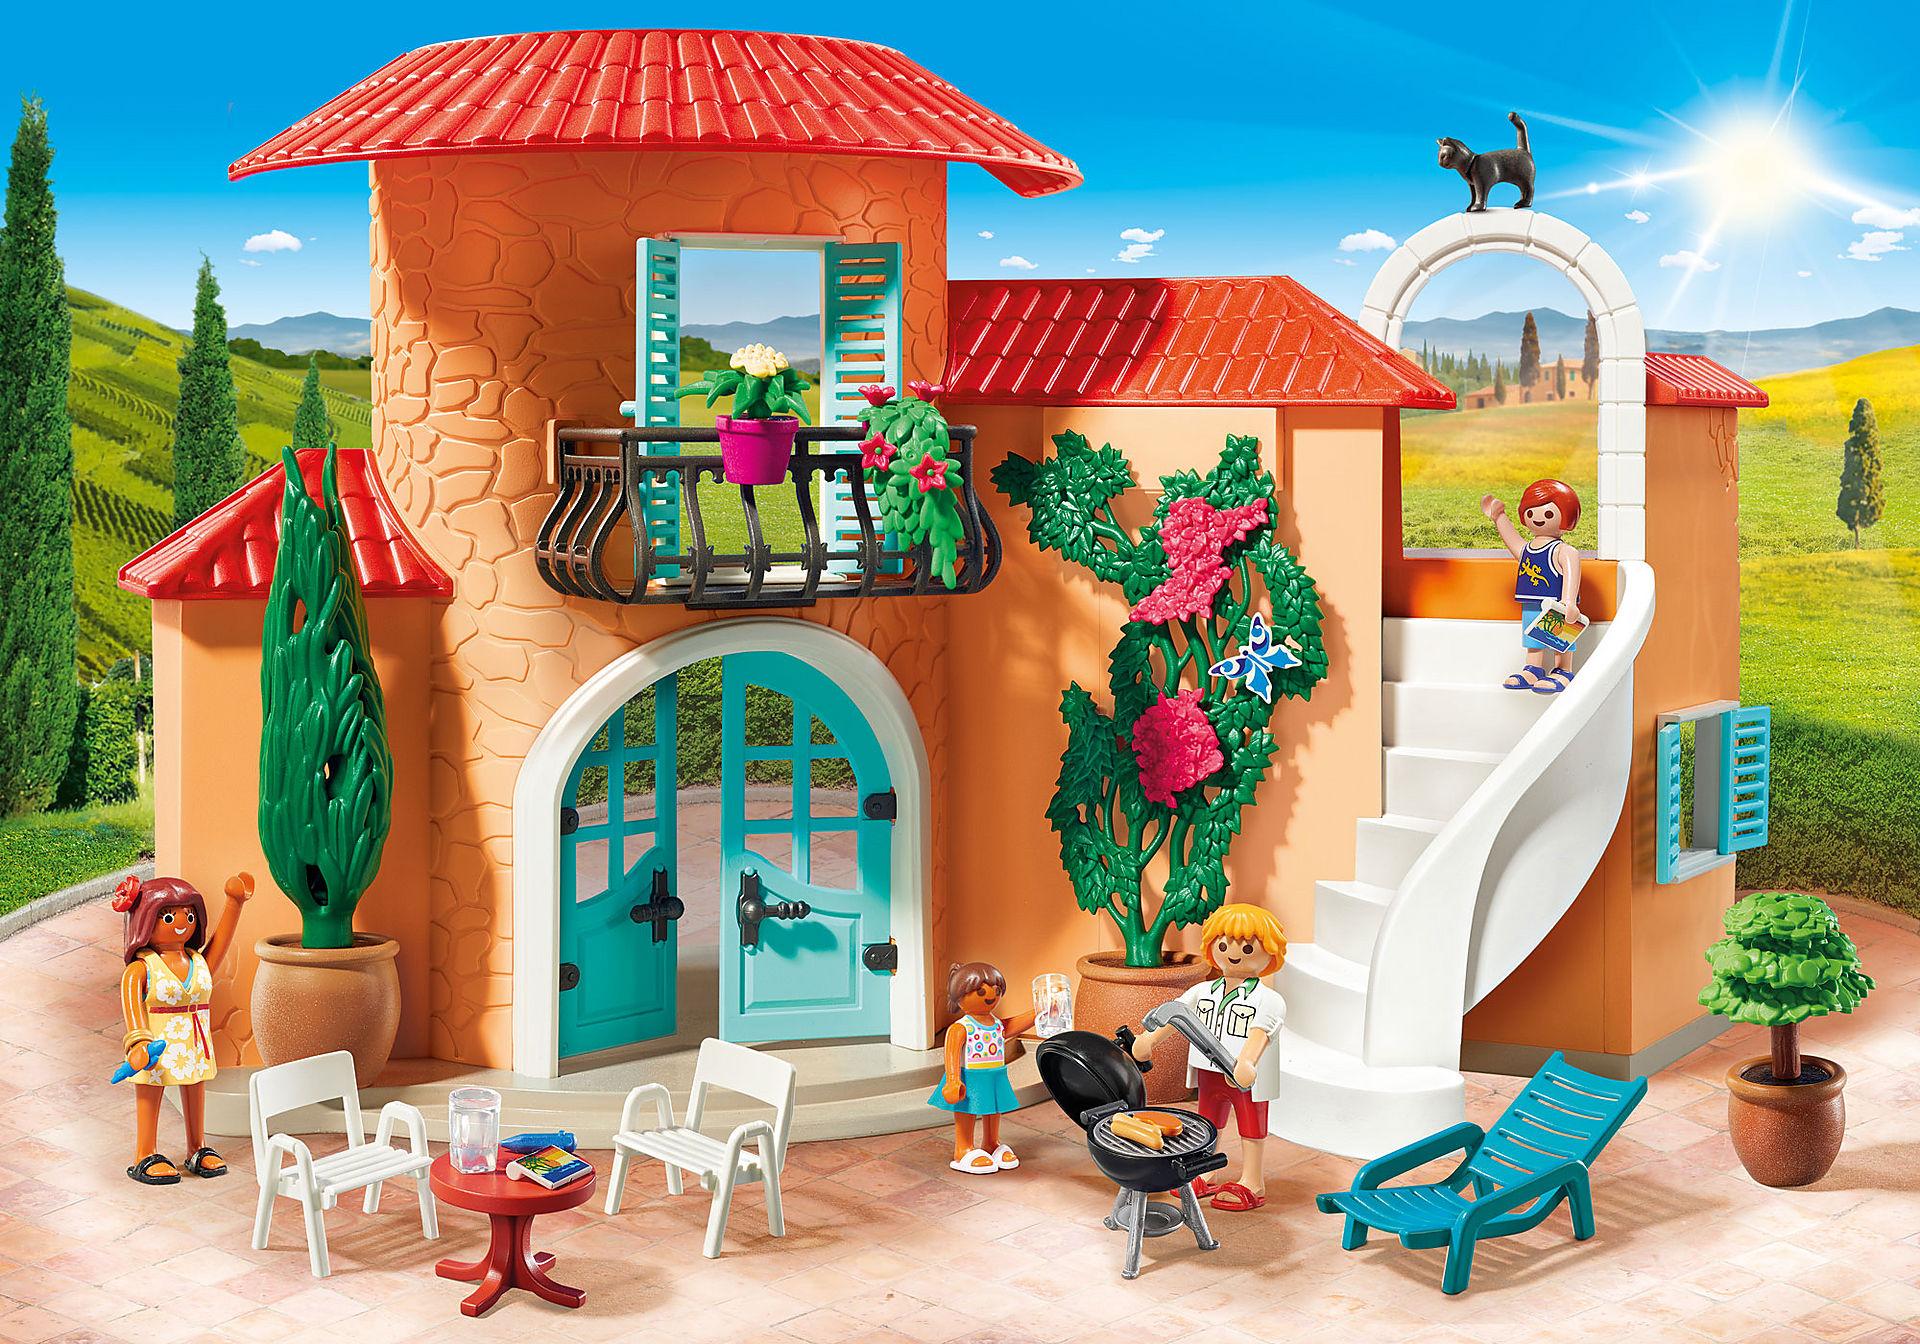 9420 Villa de vacances  zoom image1